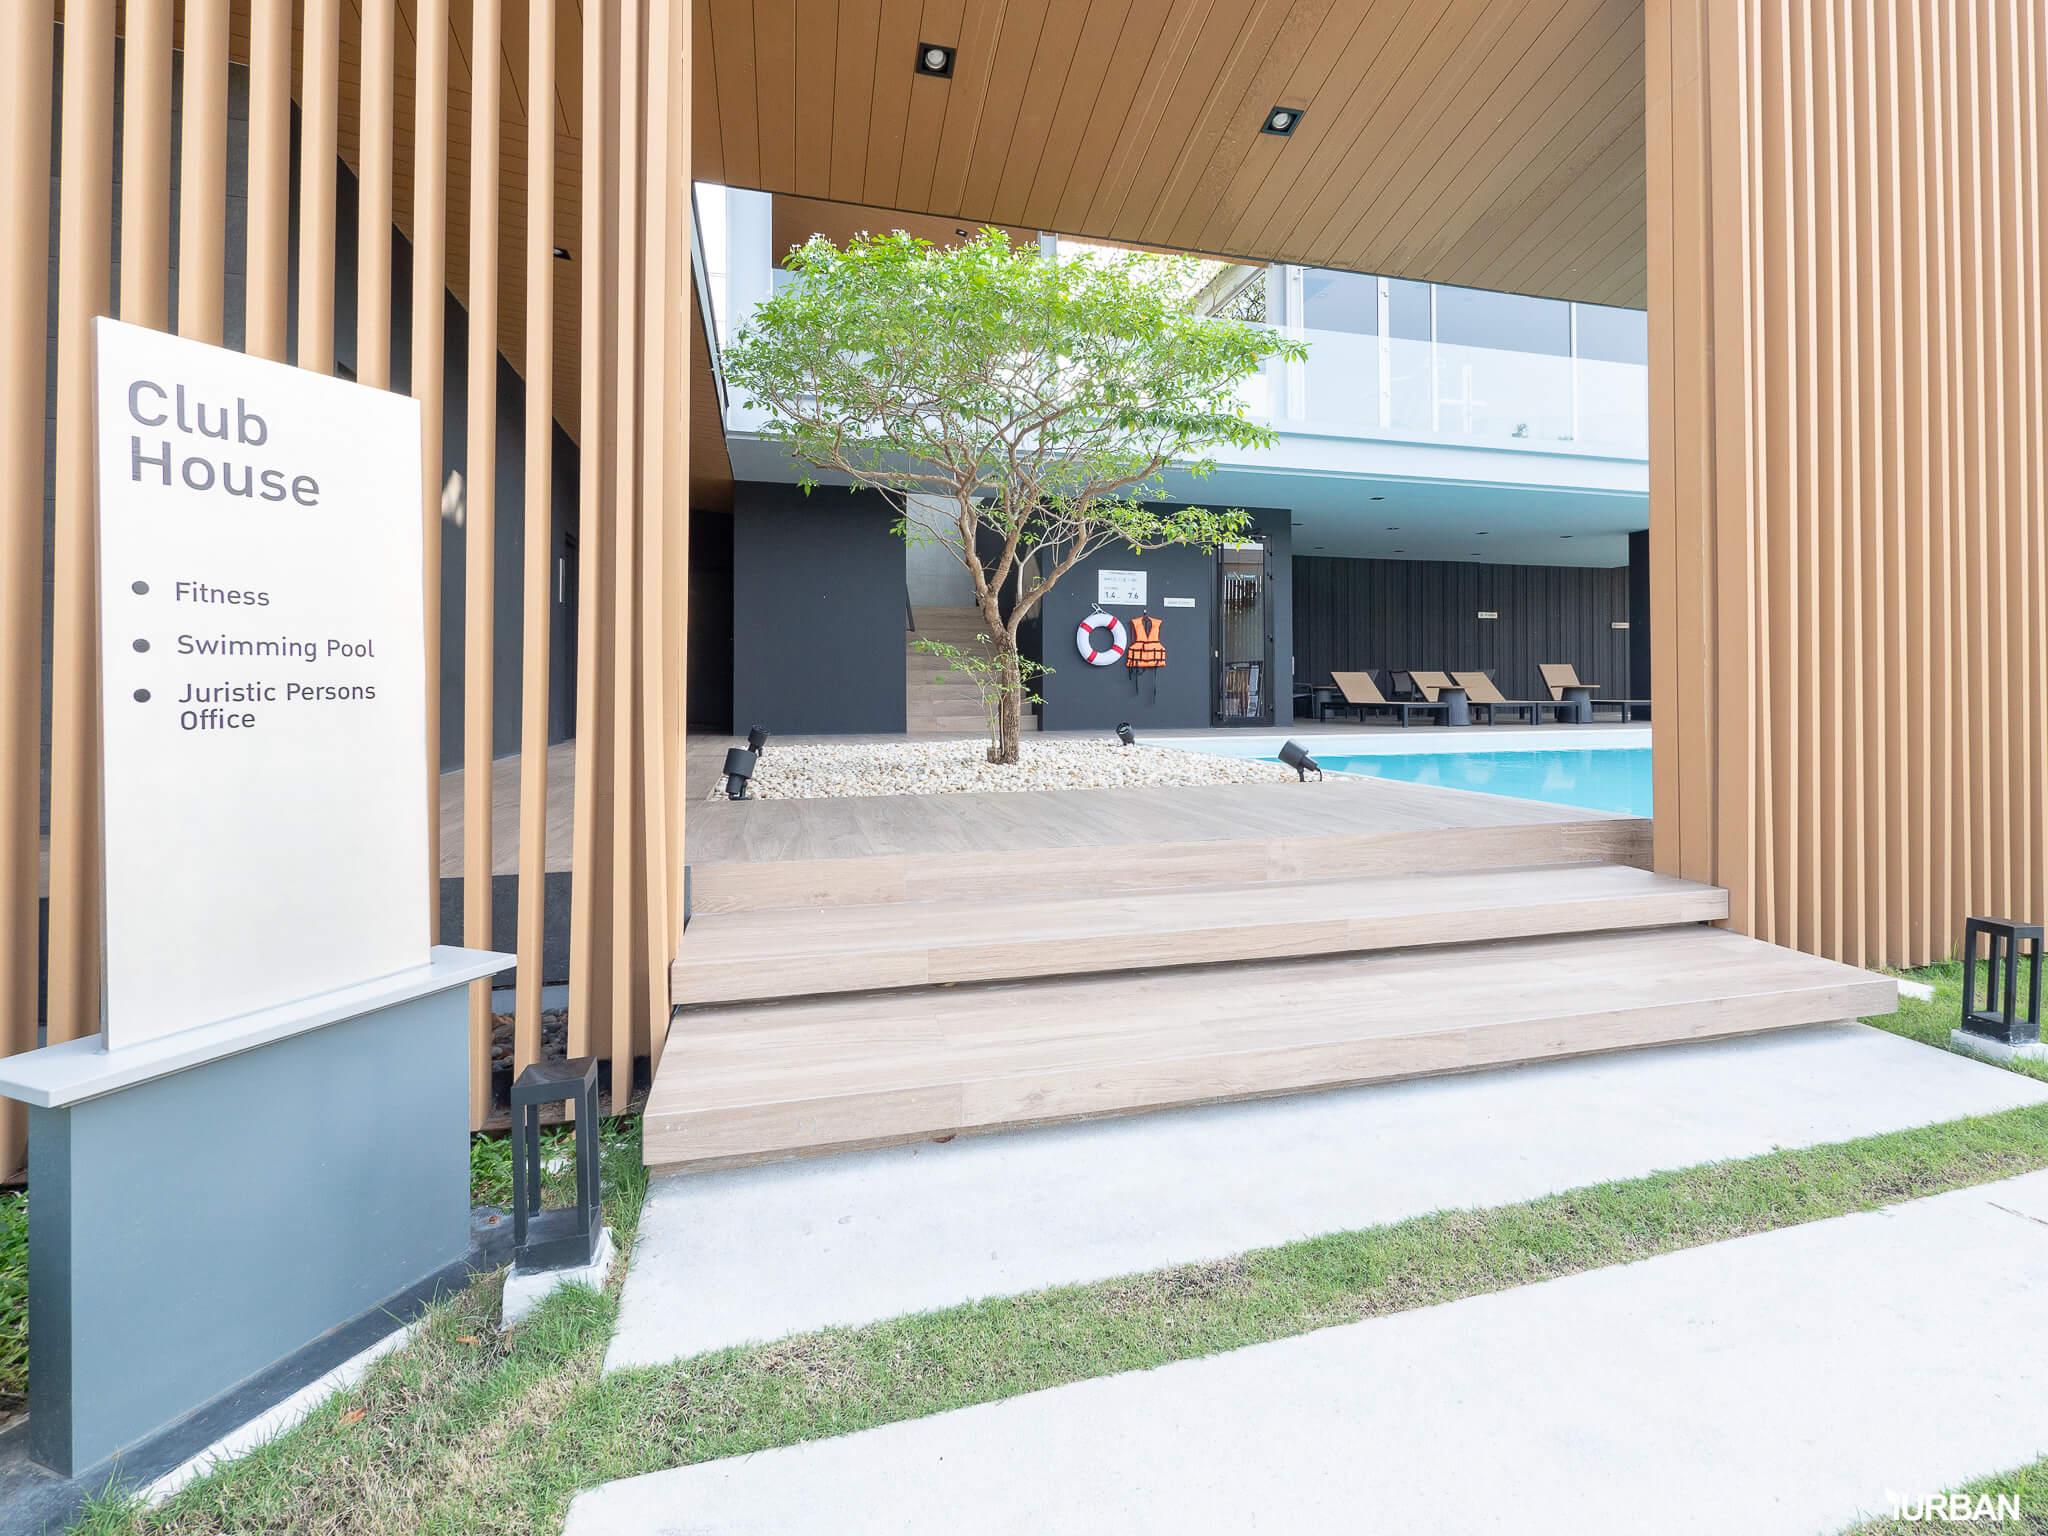 7 โครงการบ้านเอพีช่วยผ่อน 30 เดือน สุขสวัสดิ์-ประชาอุทิศ เข้าเมืองง่าย ทาวน์โฮม-บ้าน เริ่ม 1.99 ล้าน 143 - AP (Thailand) - เอพี (ไทยแลนด์)